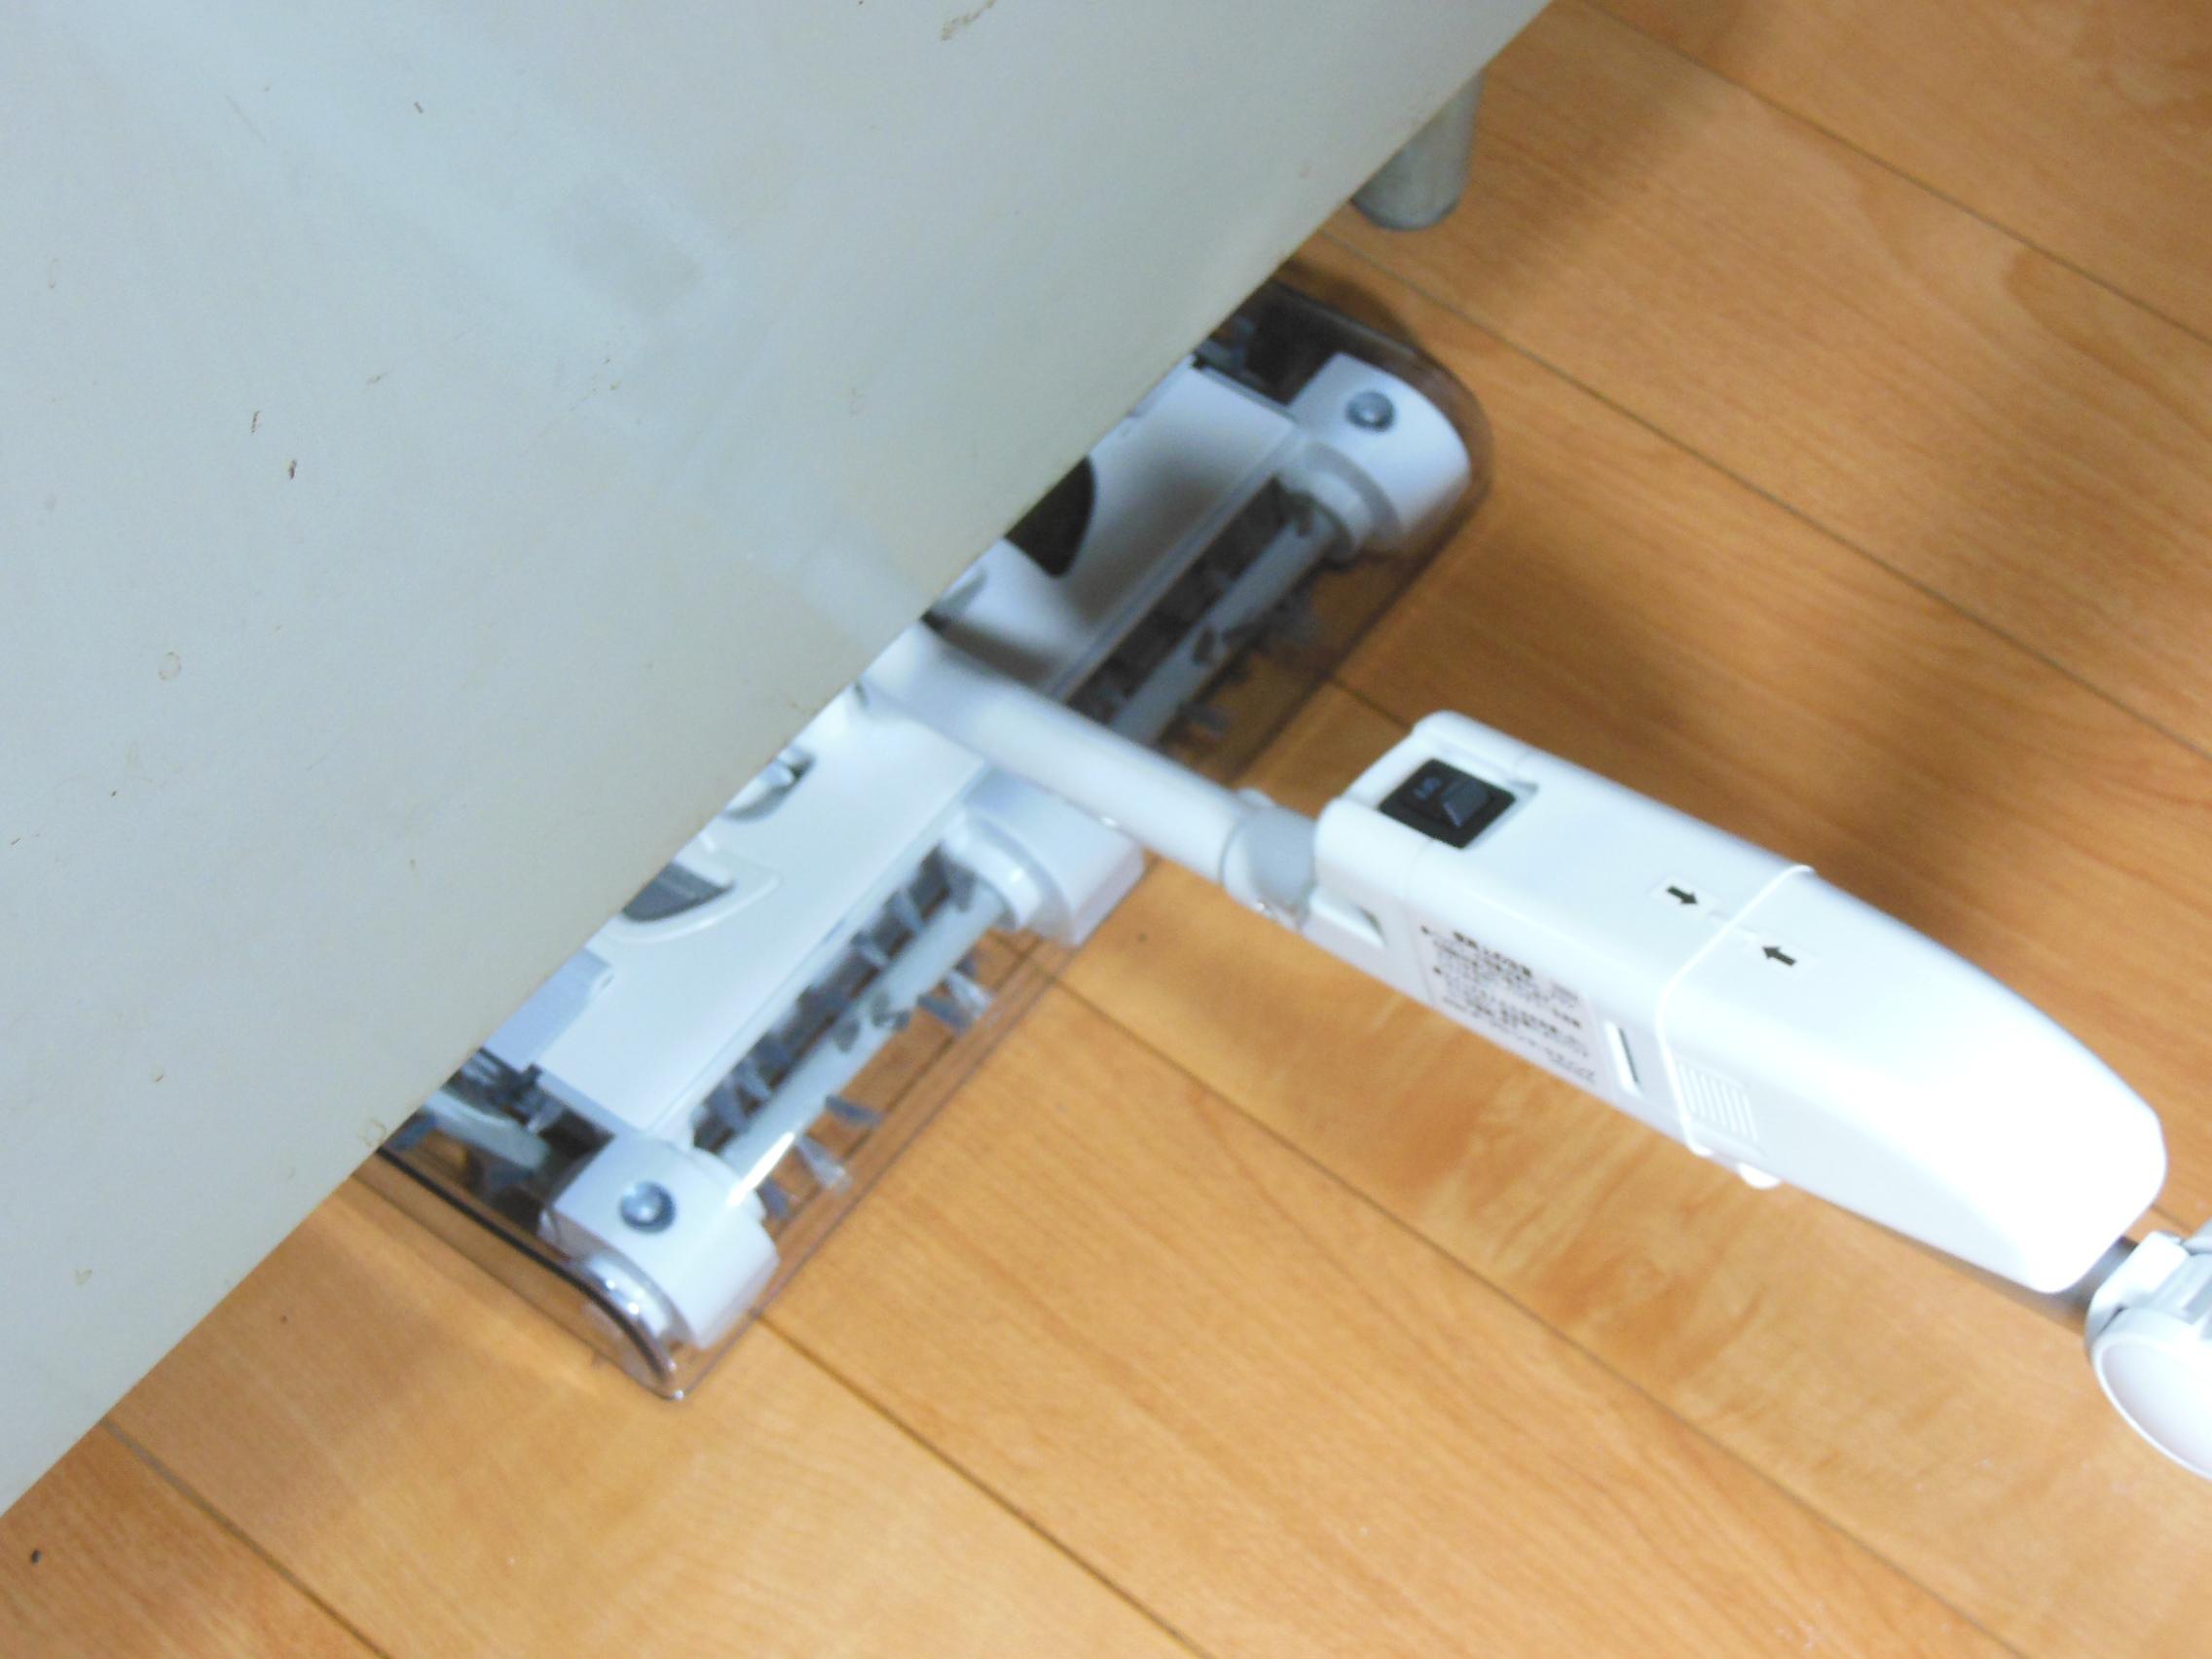 fig.20 「エルボージョイント」を曲げて机や棚の下のスペースをお掃除するの図